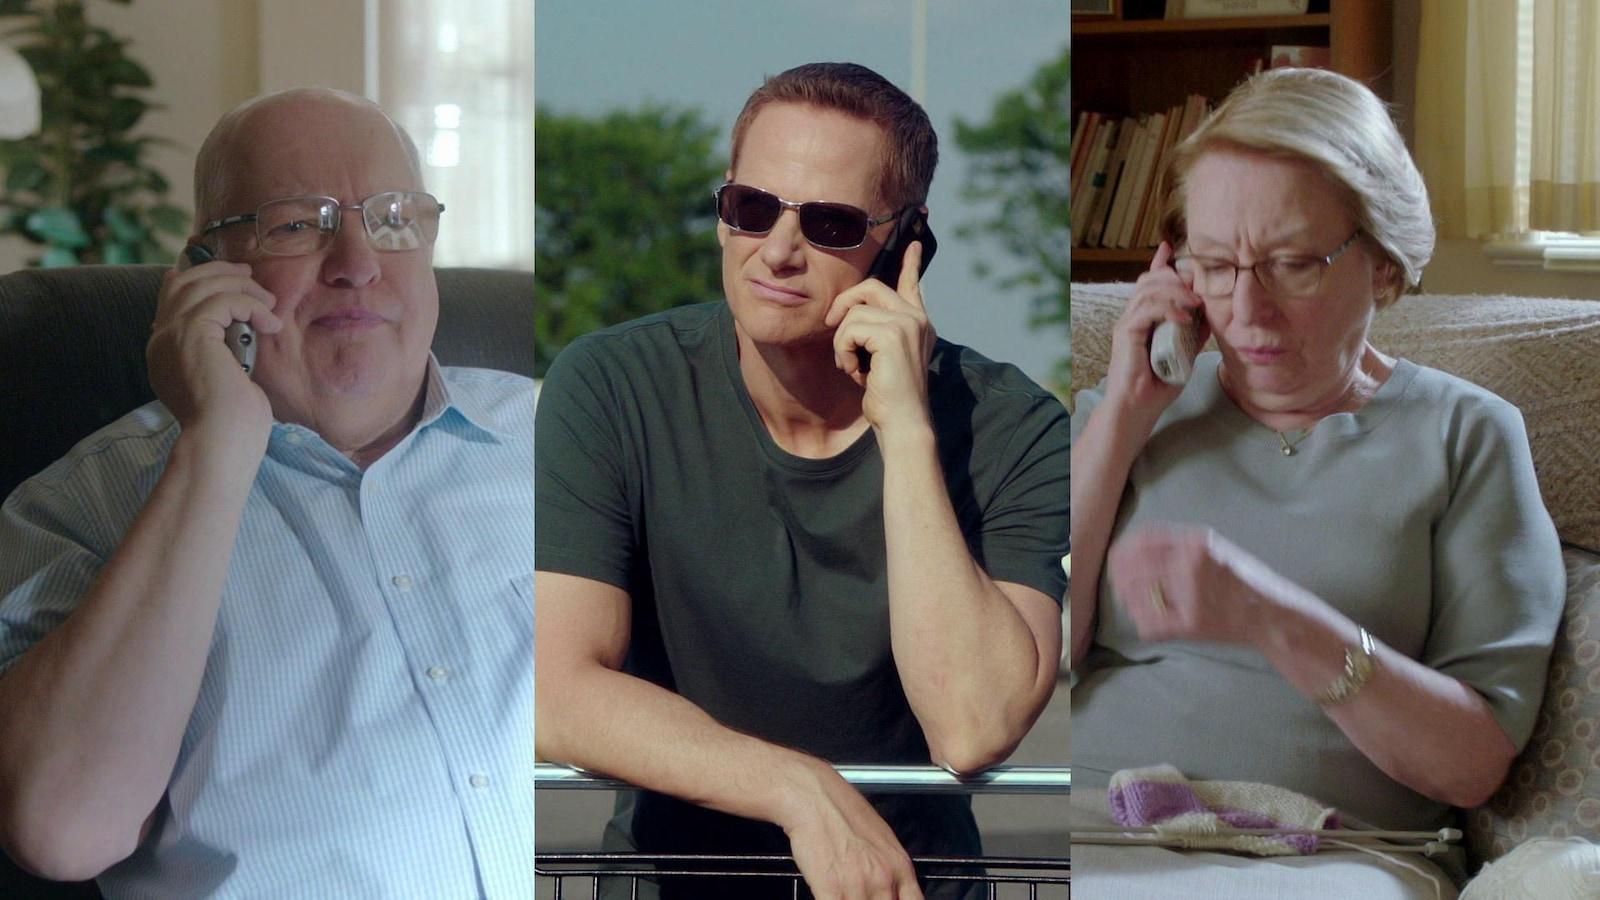 Le personnage principal et ses parents téléphonent.